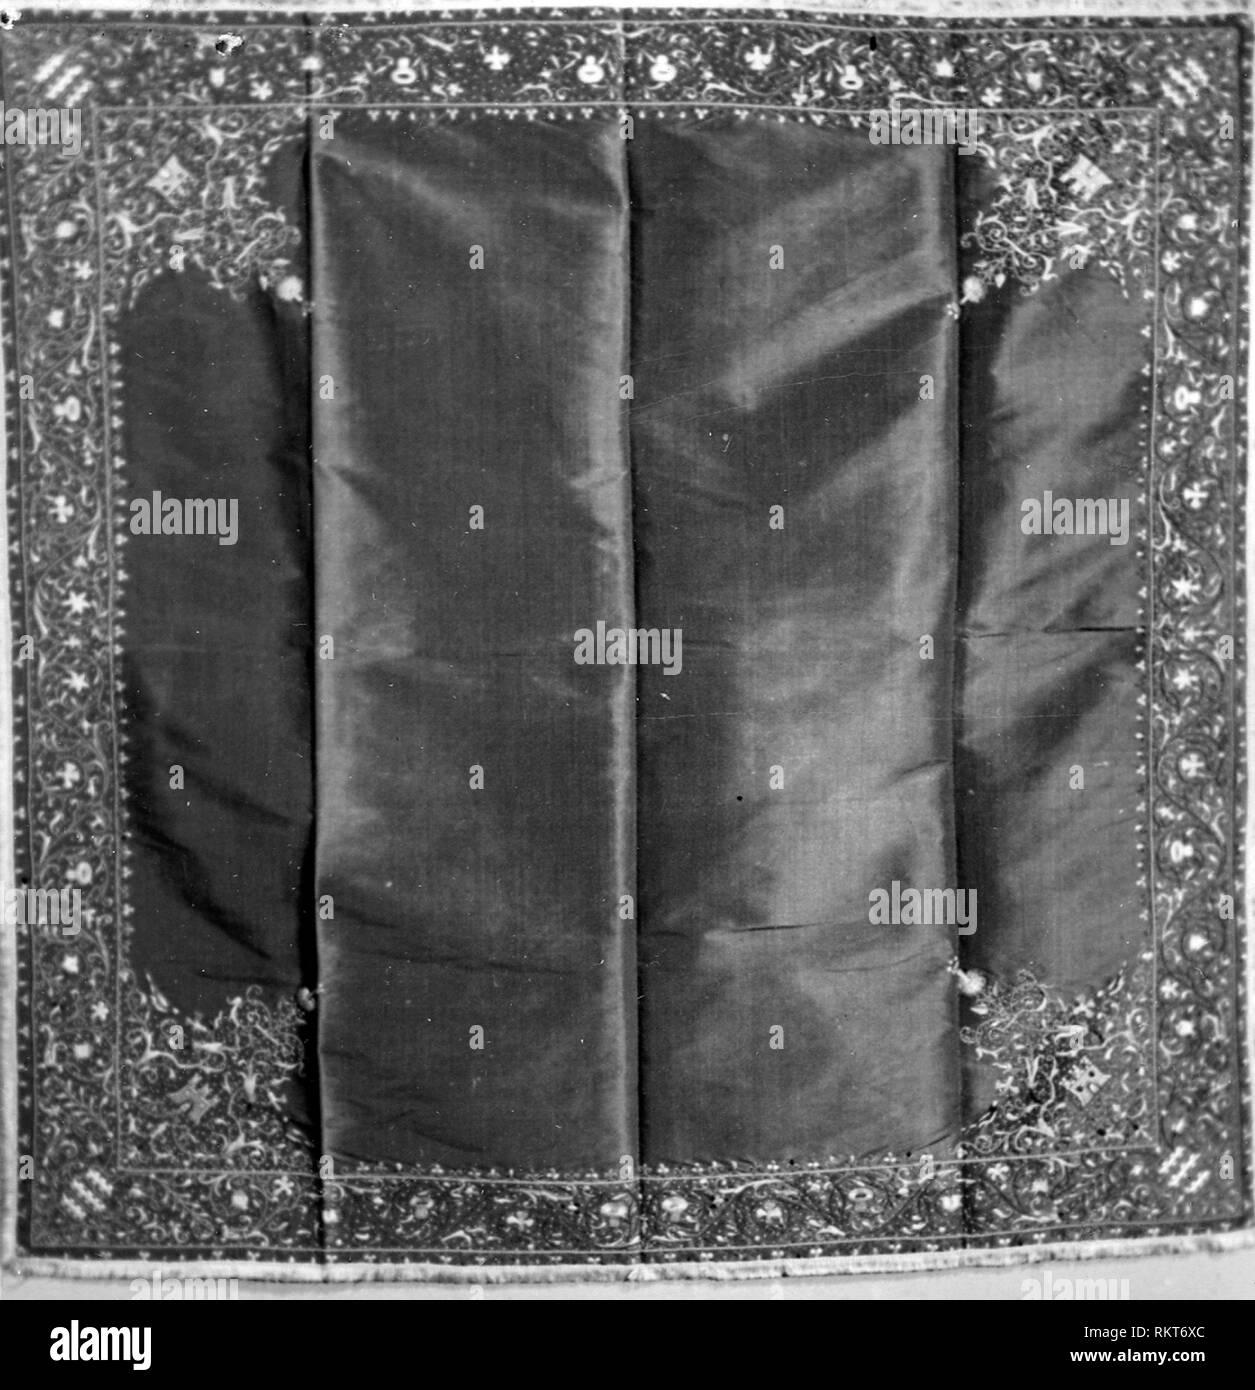 Tabella coperchio - XVI secolo - Italia - Provenienza: ITALIA, DATA: 1501-1600, dimensioni: 104,2 x 104,2 cm (41 x 41 in.) Immagini Stock